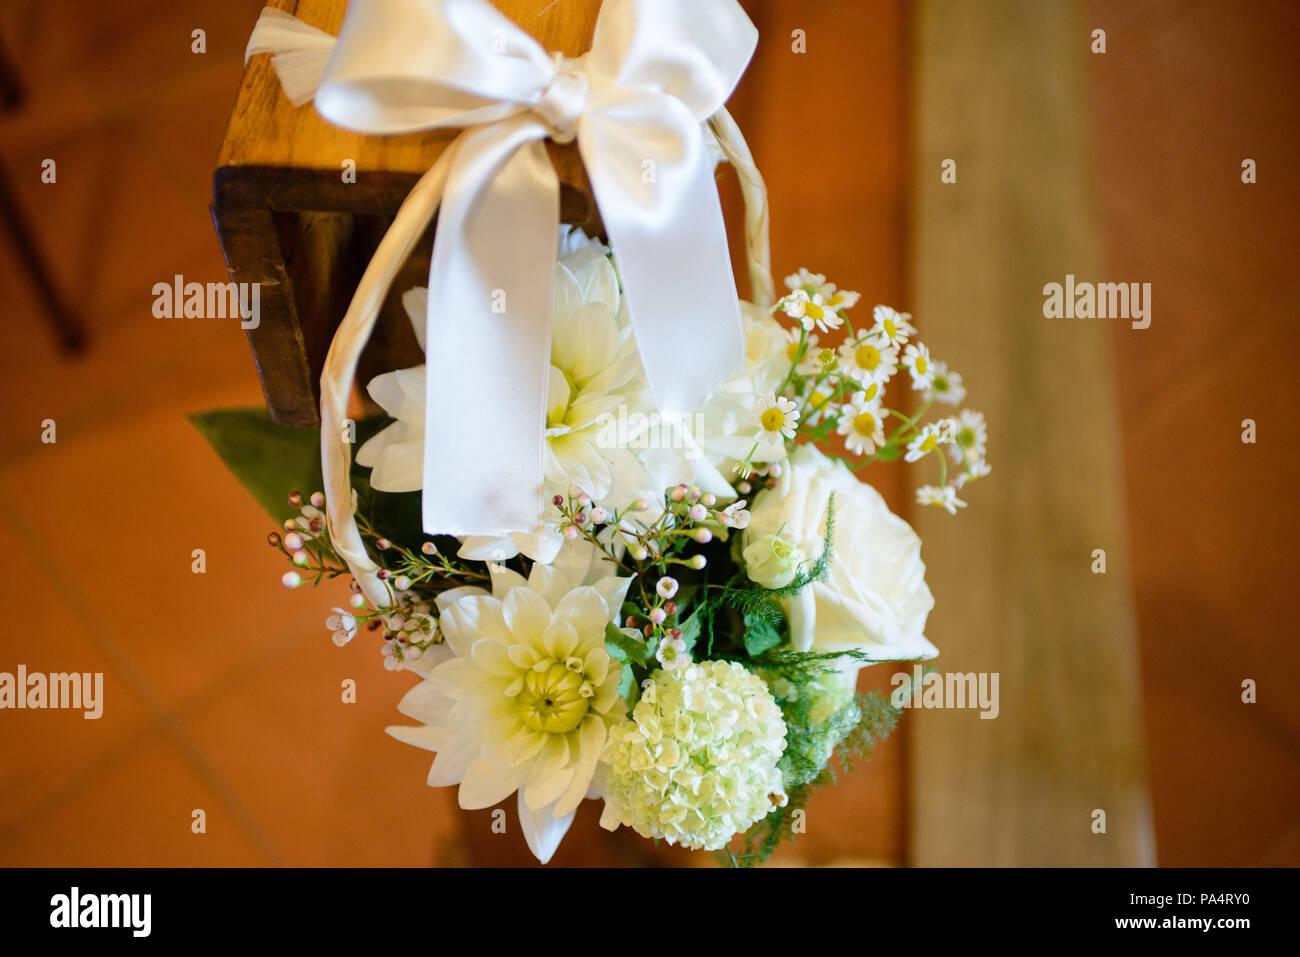 Blumenschmuck In Der Kirche Fur Hochzeit Feier Stockfoto Bild